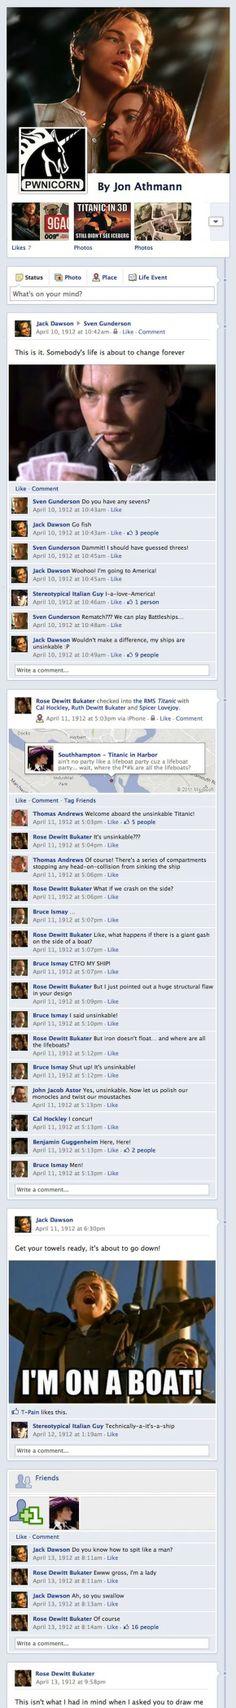 Titanic's Final Facebook Posts   MakeUseOf Geeky Fun